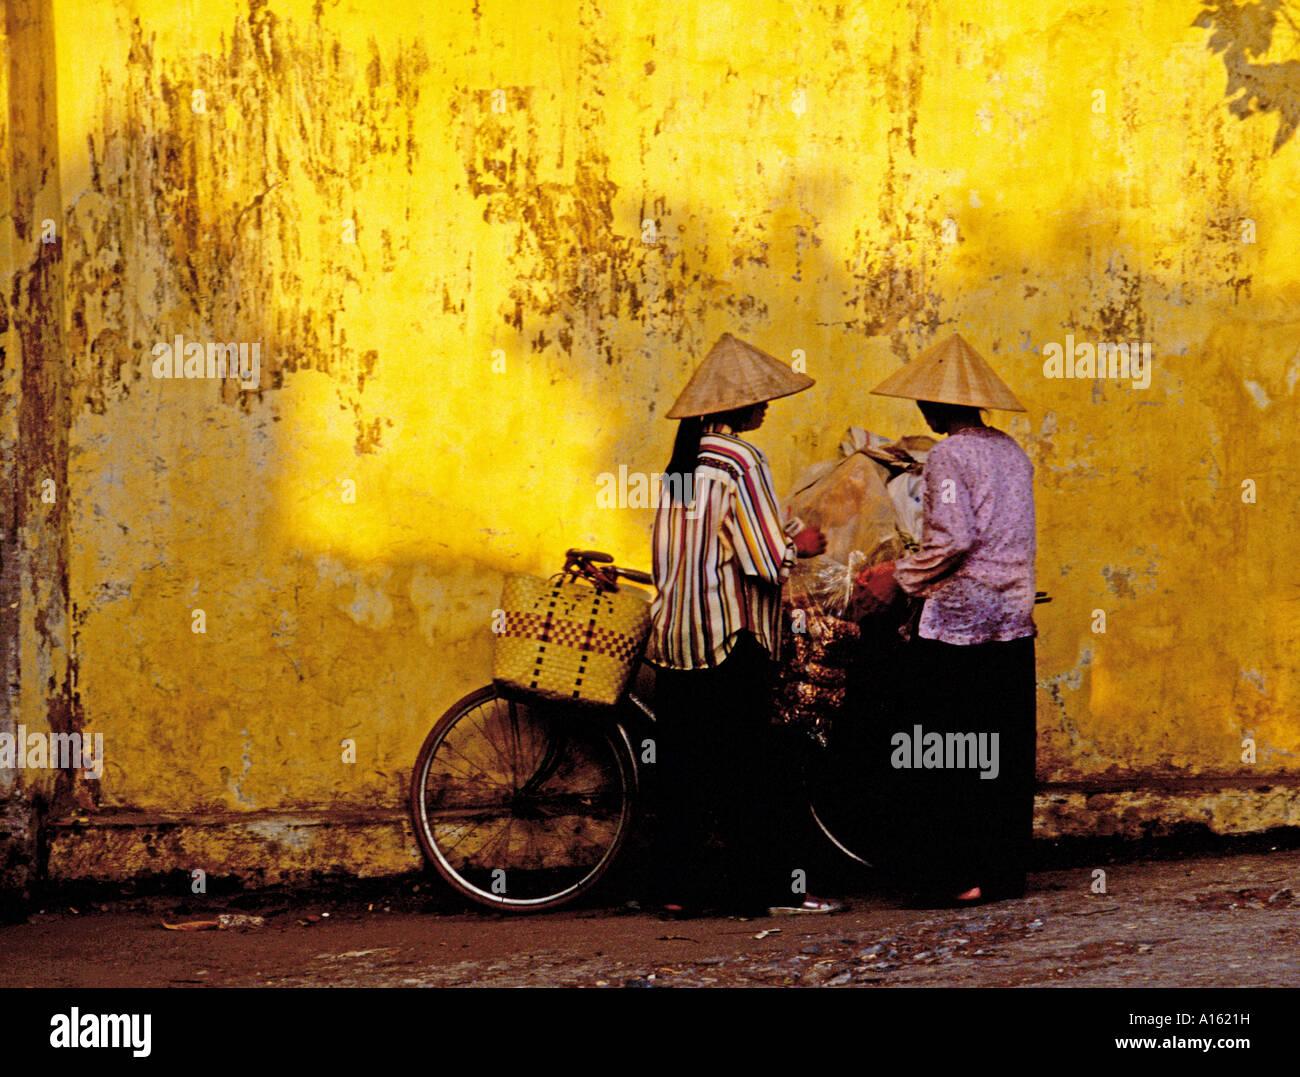 Zwei Frauen mit konischen Hüte und Fahrräder-Hanoi-Vietnam. Stockbild